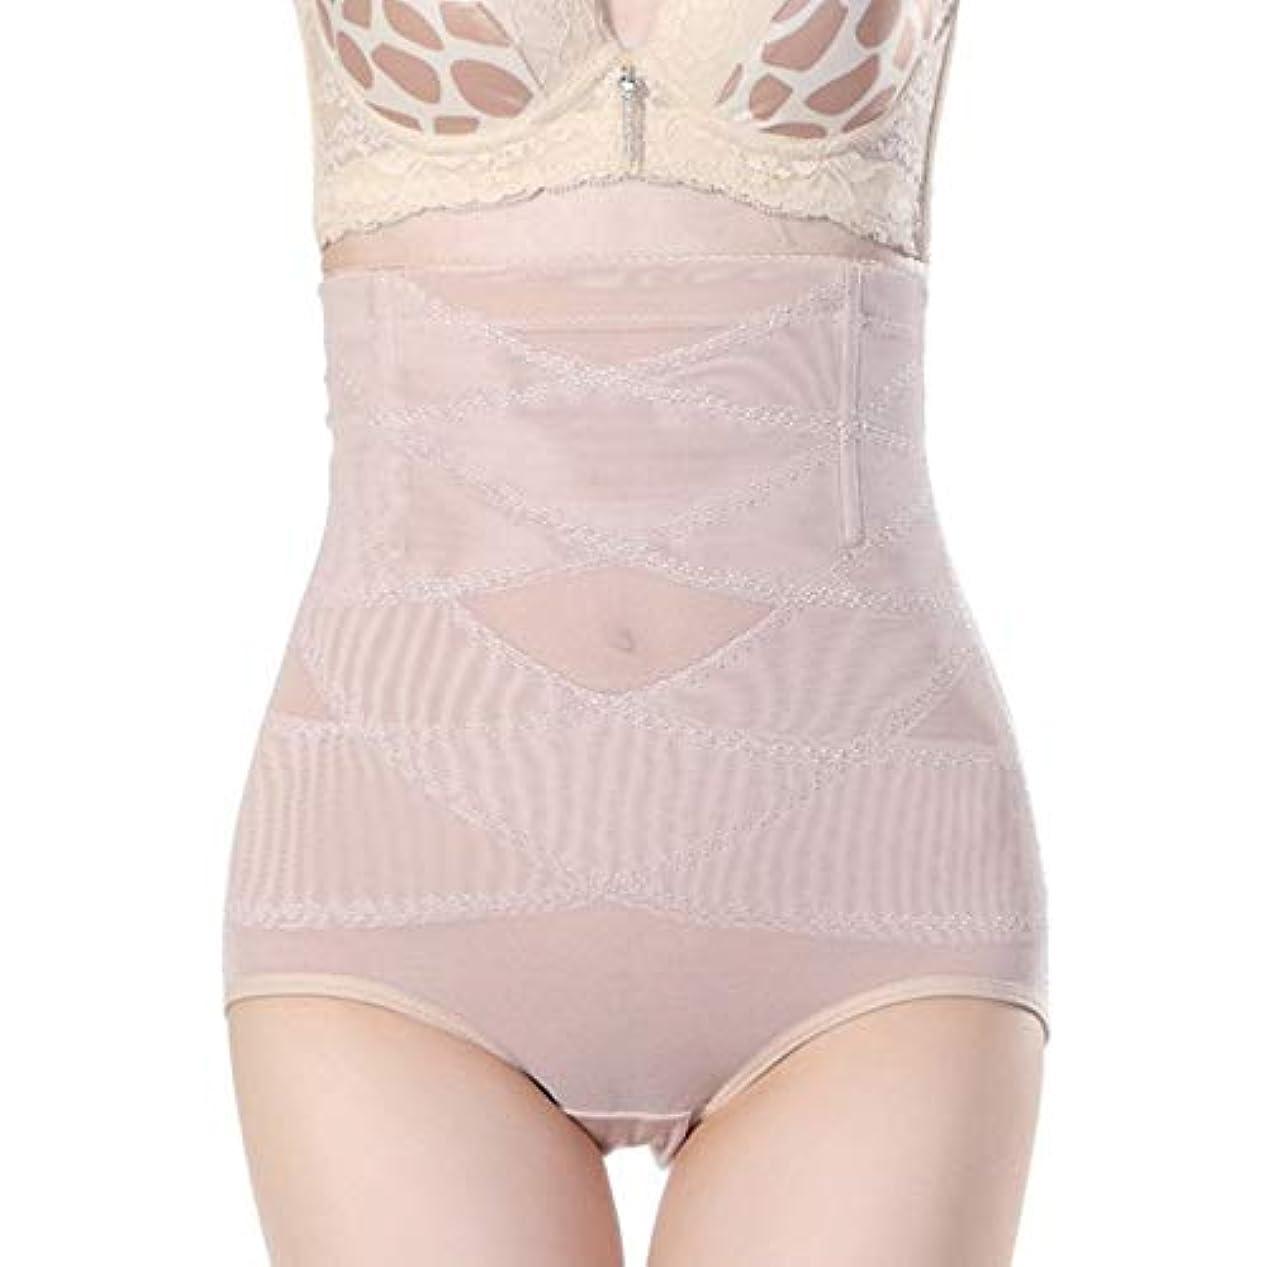 暗唱する空白法王腹部制御下着シームレスおなかコントロールパンティーバットリフターボディシェイパーを痩身通気性のハイウエストの女性 - 肌色L